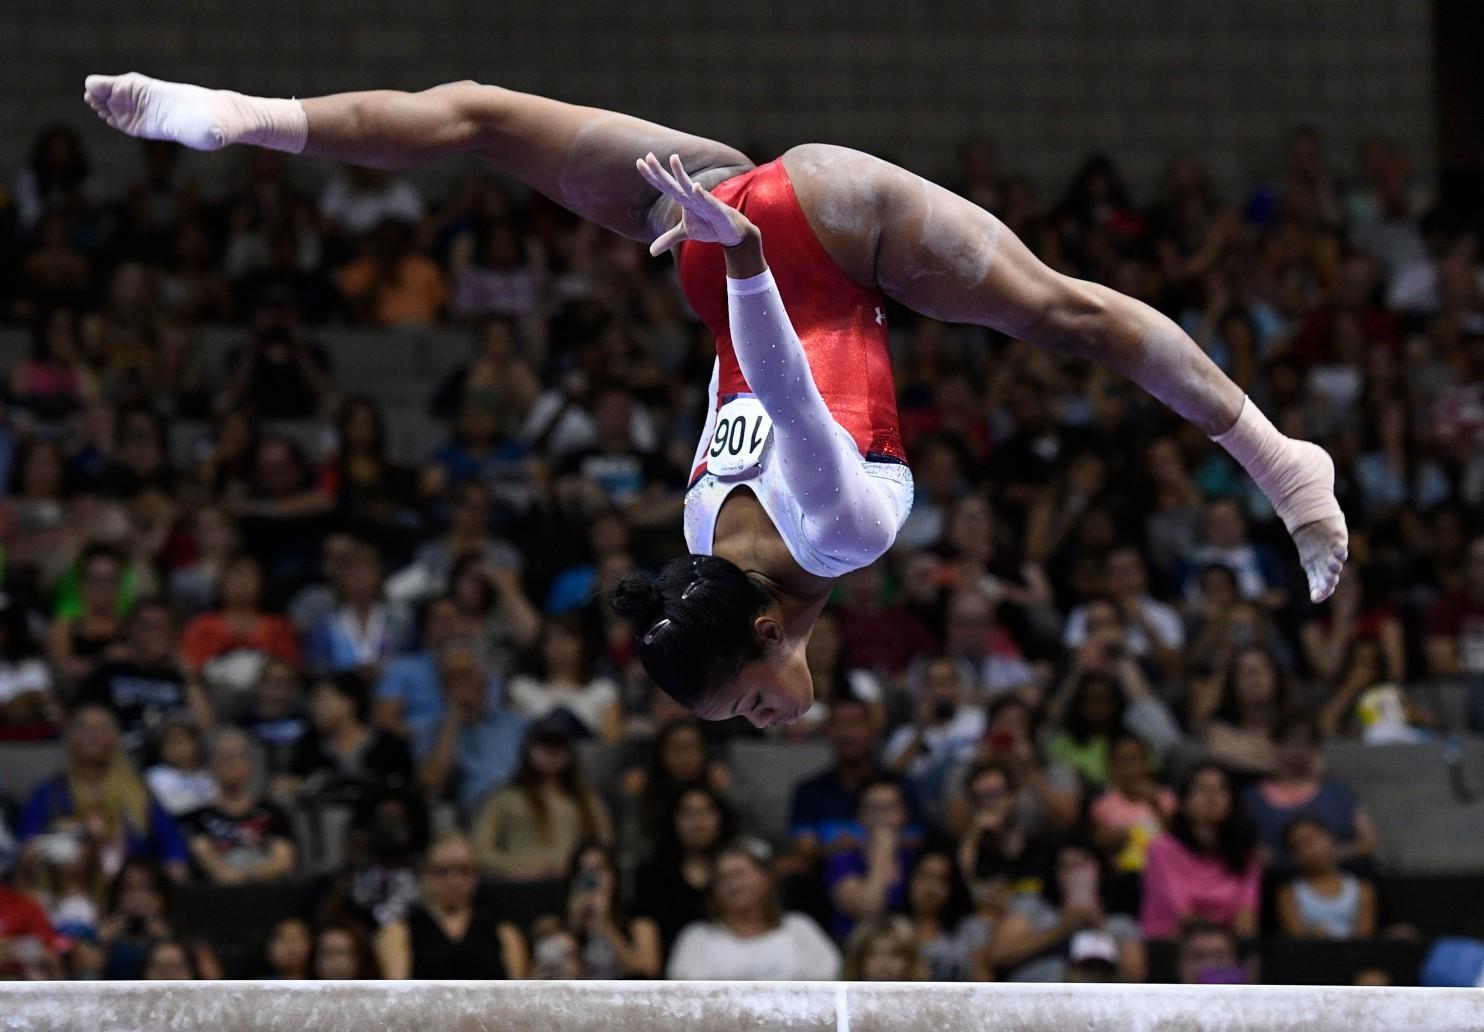 Олимпийские гены: кто становится победителем